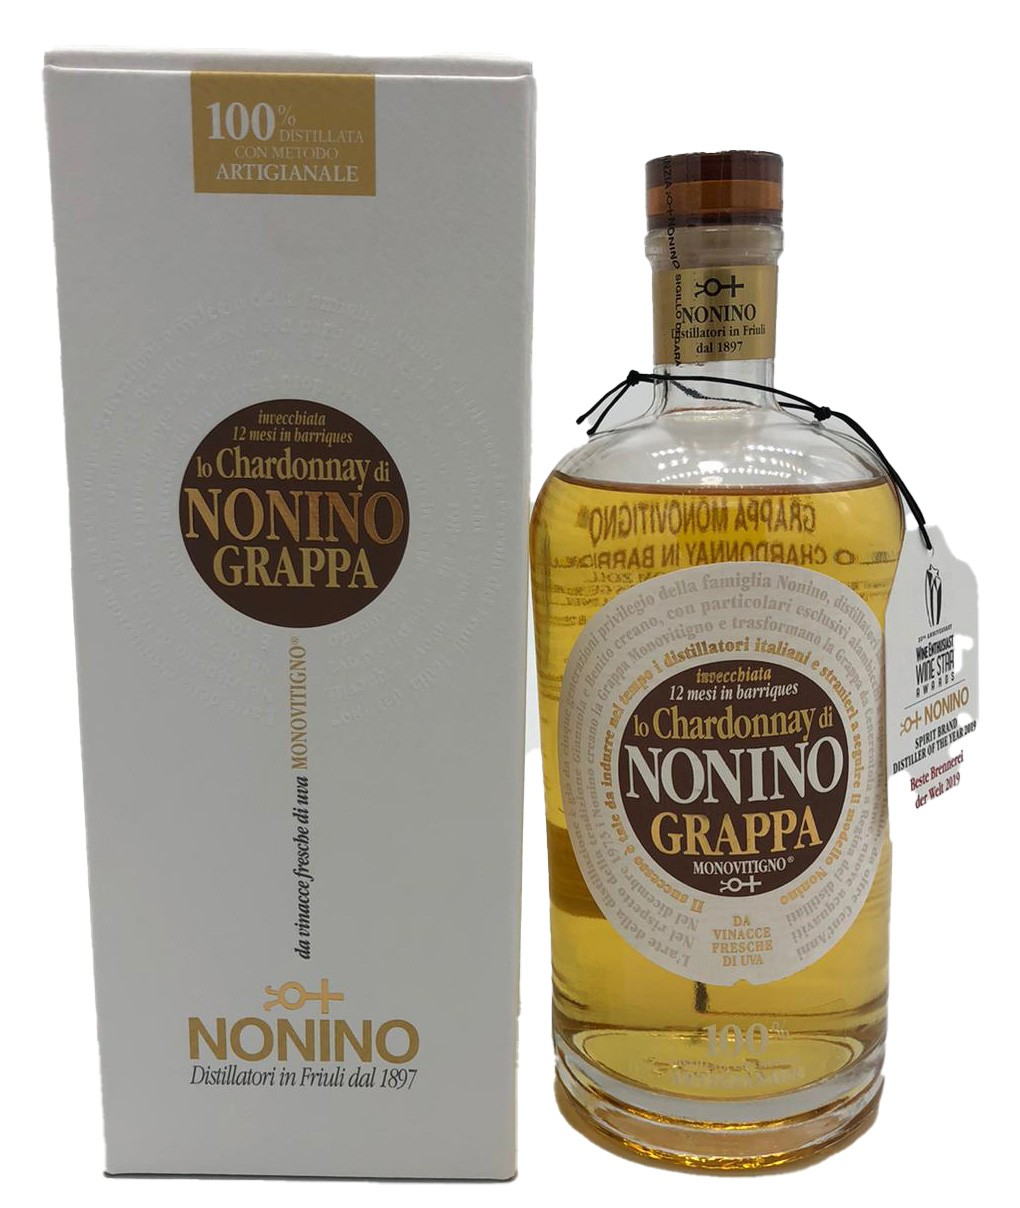 Nonino lo Chardonnay di Grappa Monovitigno